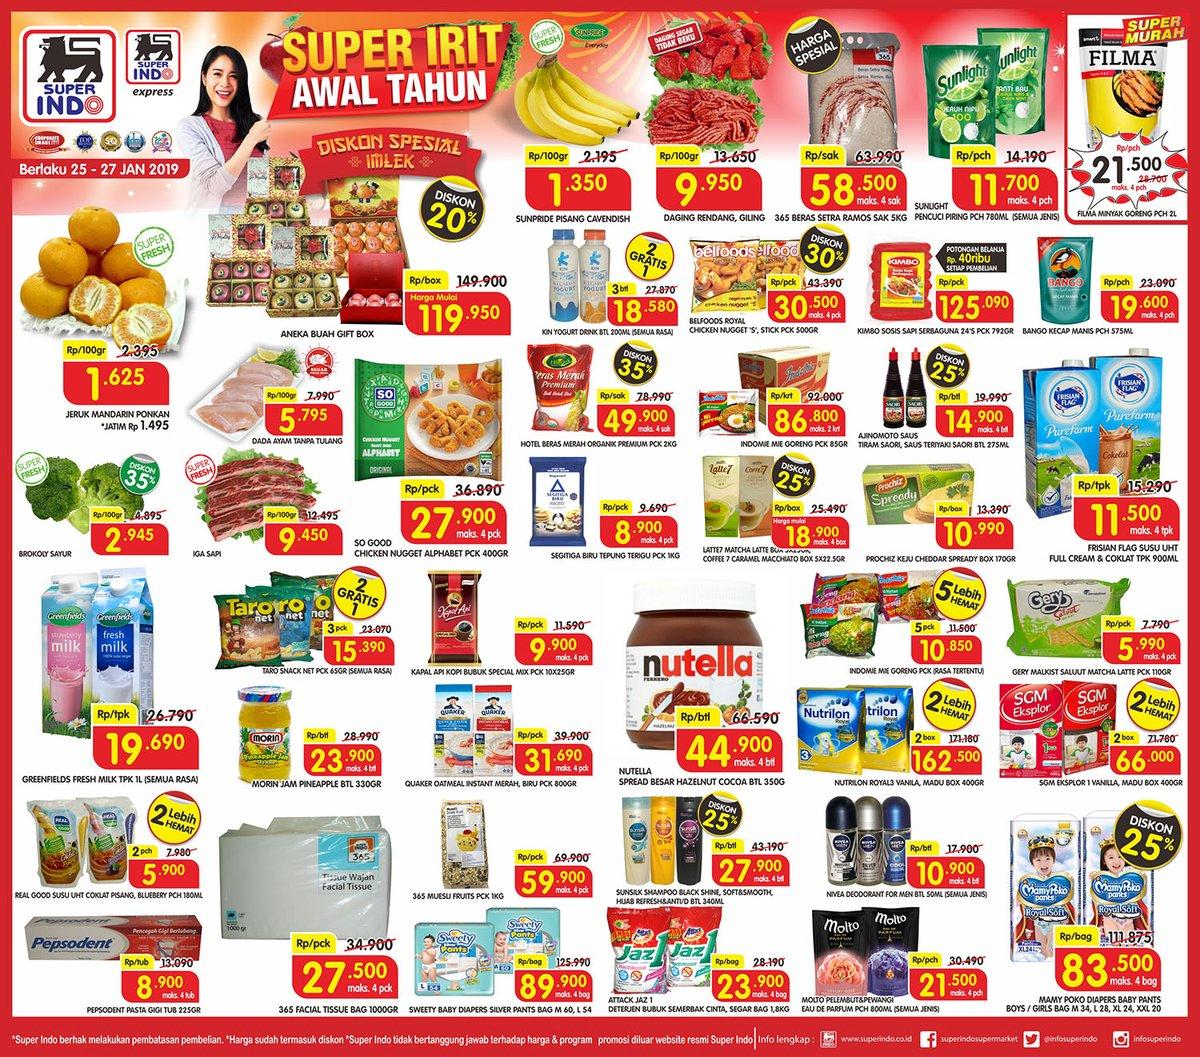 #Superindo - #Promo #Katalog Super Irit Awal Tahun Periode 25 - 27 Januari 2019